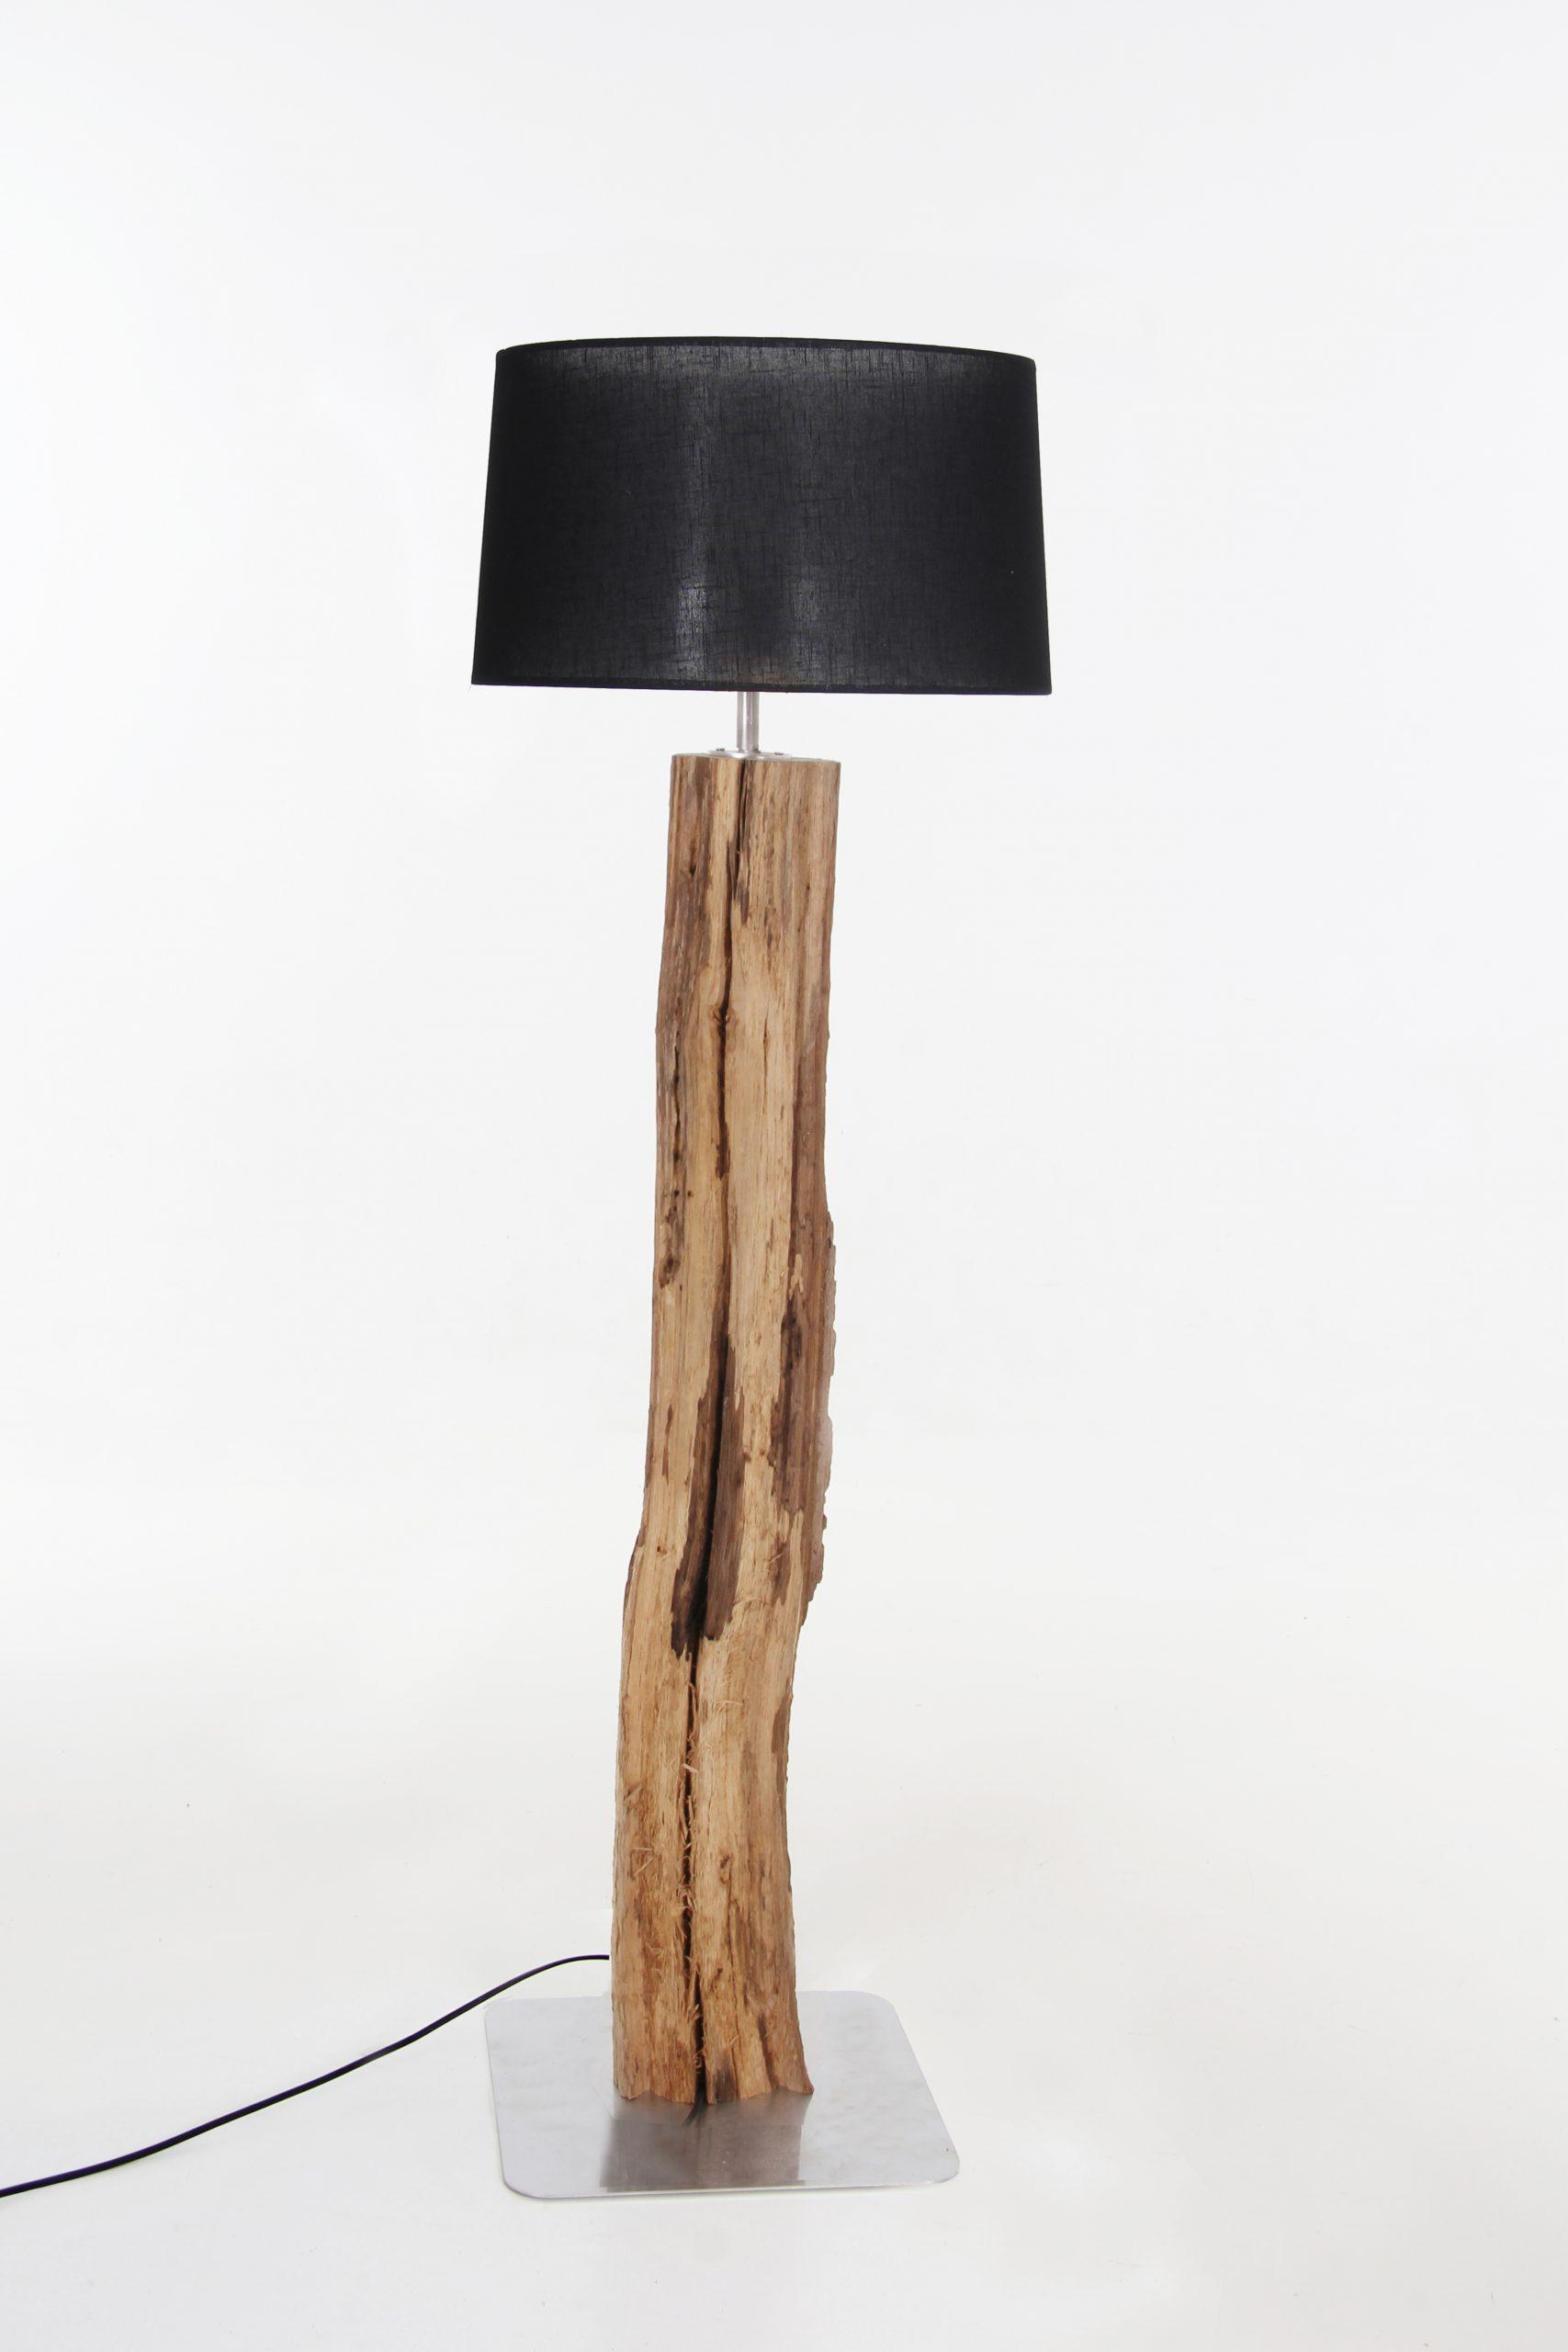 Full Size of Stehlampe Holz Schirm In Schwarz 135 Cm Detail Massivholz Betten Bett Schlafzimmer Regal Naturholz Esstisch Sichtschutz Garten Cd Küche Modern Stehlampen Wohnzimmer Stehlampe Holz